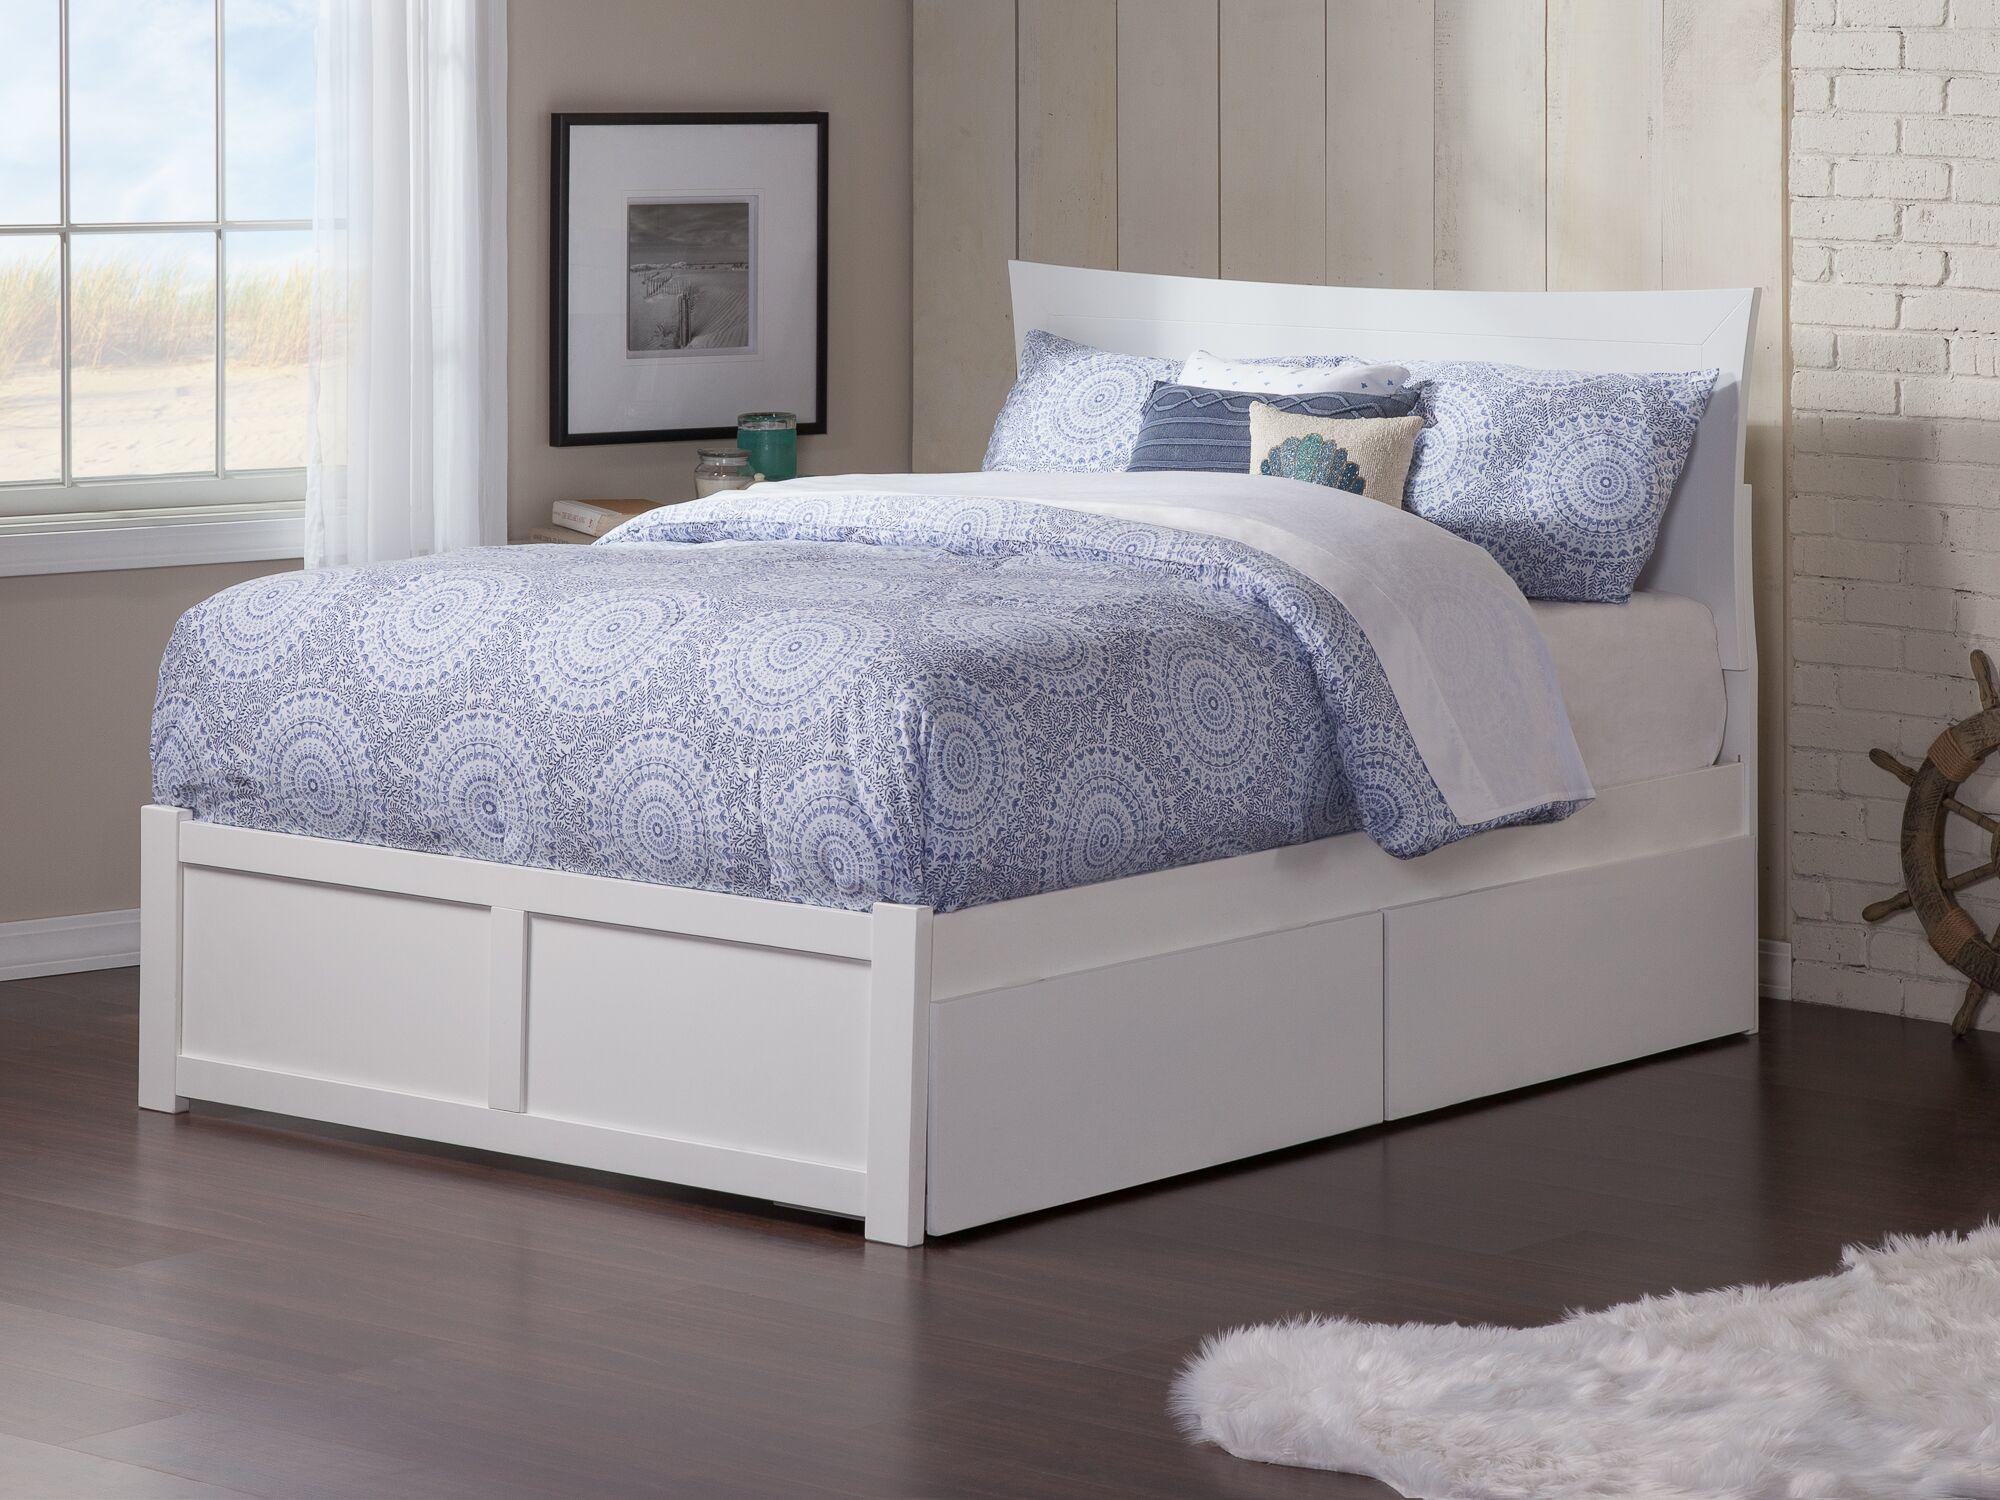 Wrington Storage Platform Bed Color: White, Size: Full